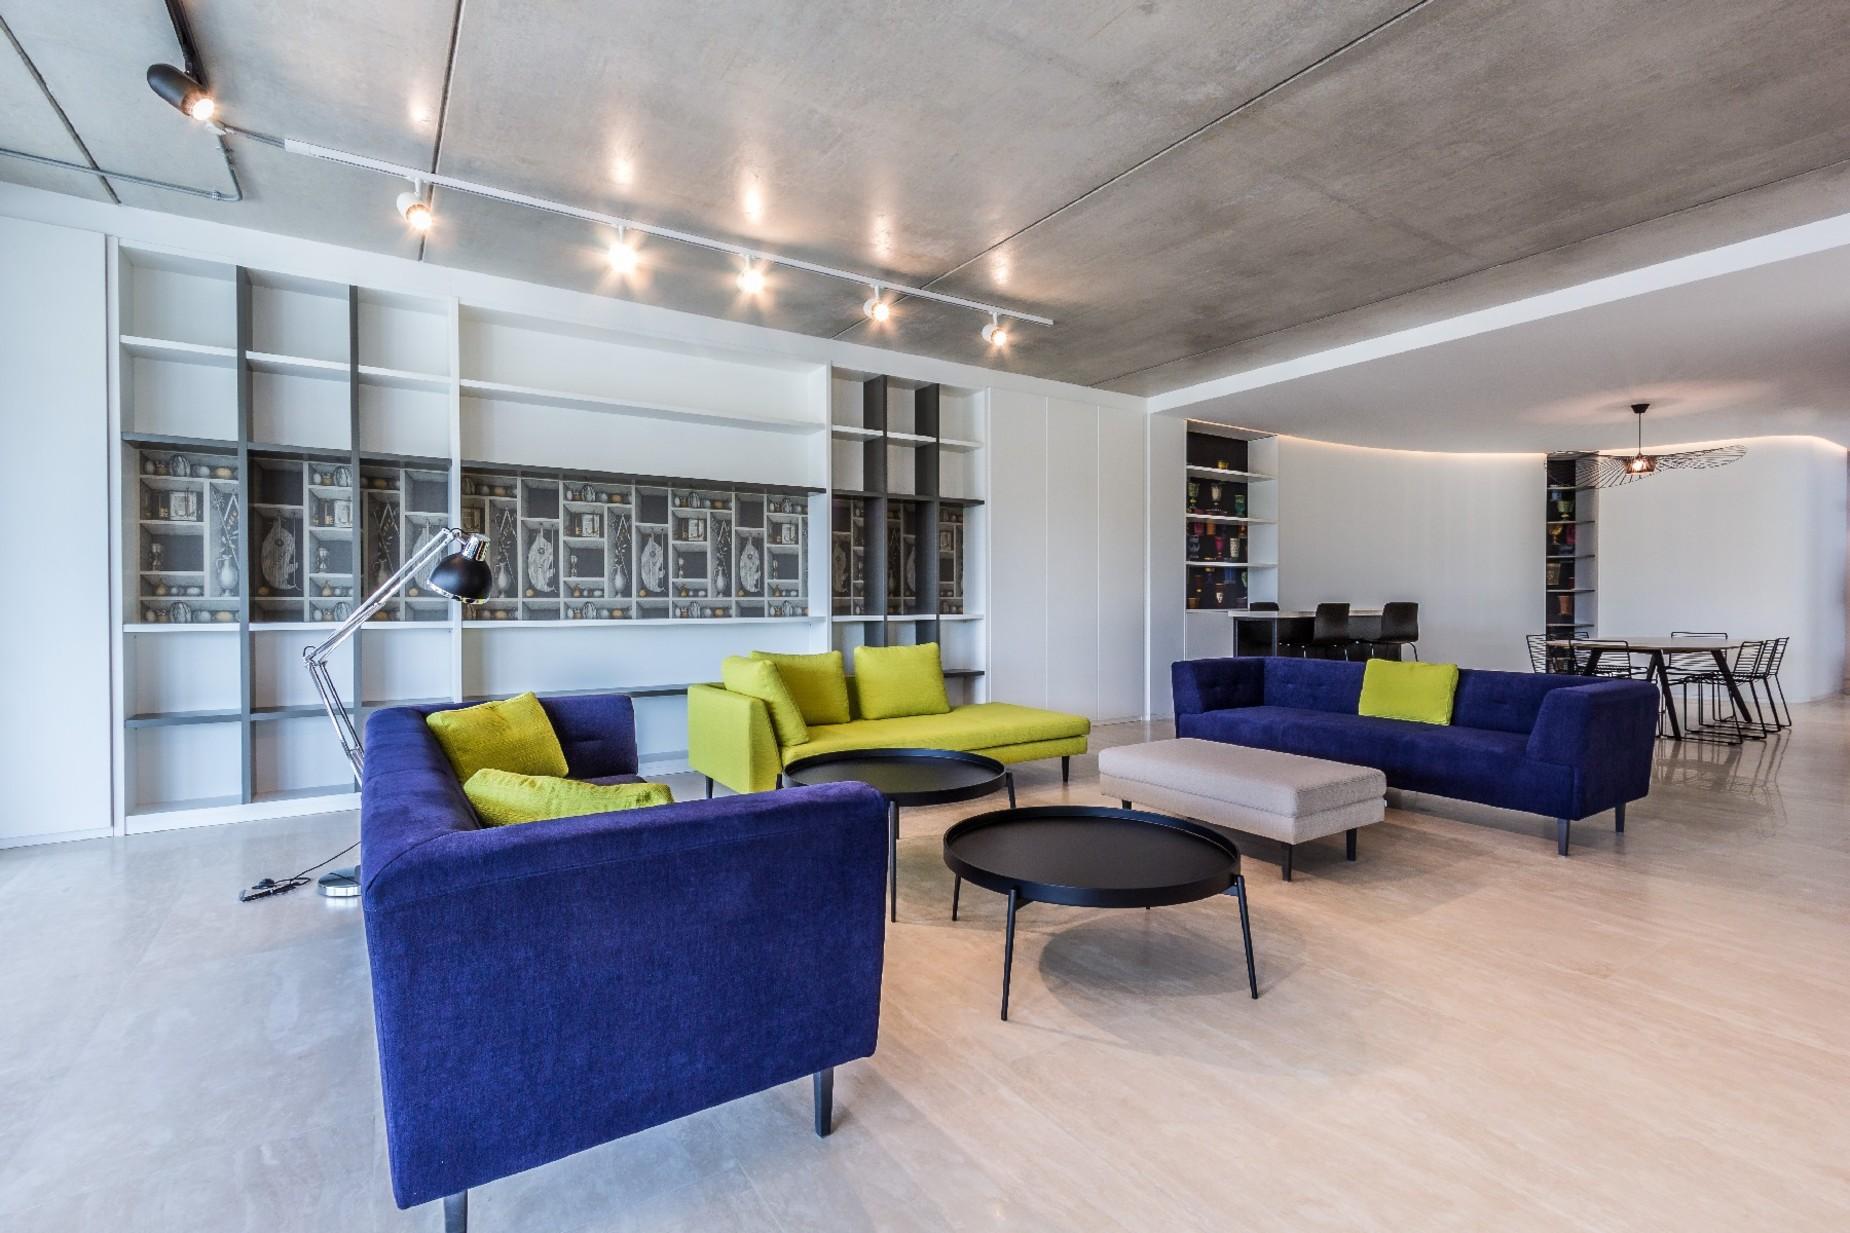 3 bed Apartment For Sale in Ta' Xbiex, Ta' Xbiex - thumb 6